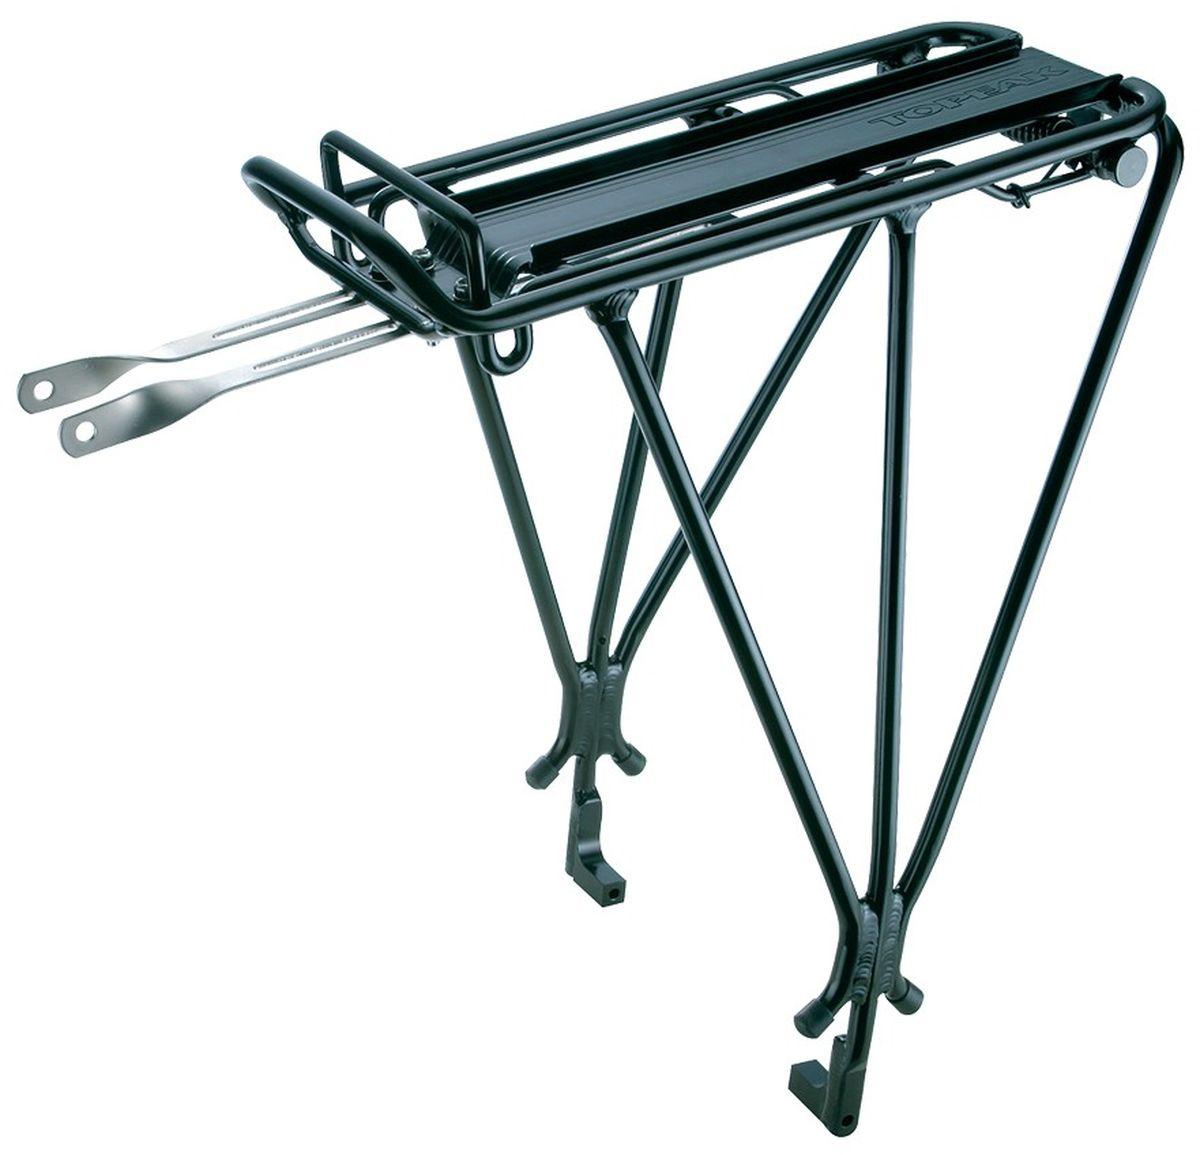 Багажник задний для дисковых тормозов TOPEAK Explorer Tubular Rack, с прищепкой, цвет: черныйTA2037-BПодходит для колес 26 , 27,5 (650B) и 700C. Колеса с дисковыми тормозами. Прочный алюминиевый багажник, спроектированный специально для велосипедов, оснащенных дисковыми тормозами. Идеальный спутник для классических велопоходов, поездок на работу или просто выполнения поручений. QuickTrack совместим для использования с любой сумкой MTX и задней корзиной. Встроенная пружинная защелка удобна для закрепления легкого груза.